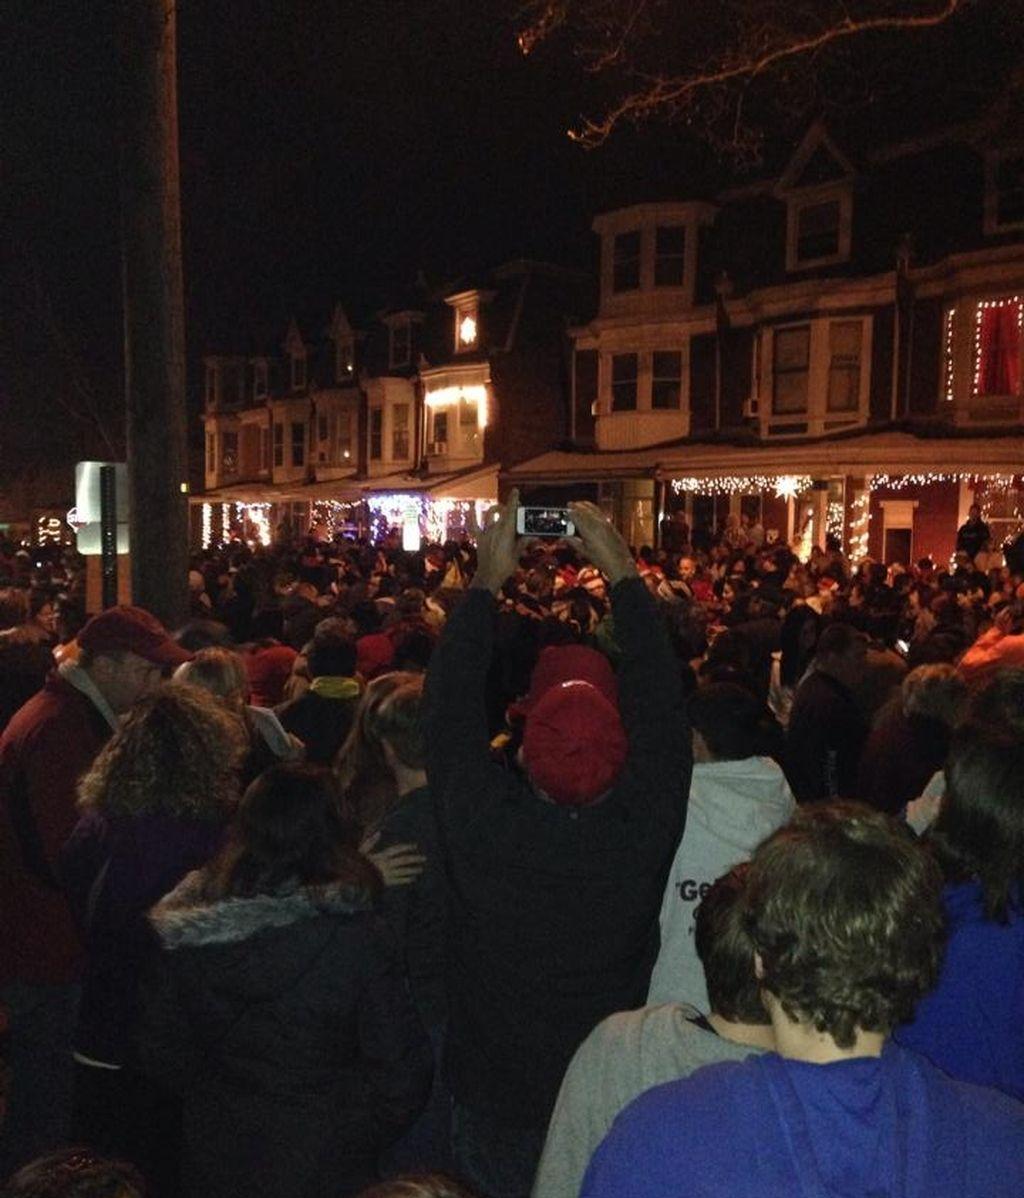 10,000 personas se concentran frente a la casa de Laney Brown para cantarle